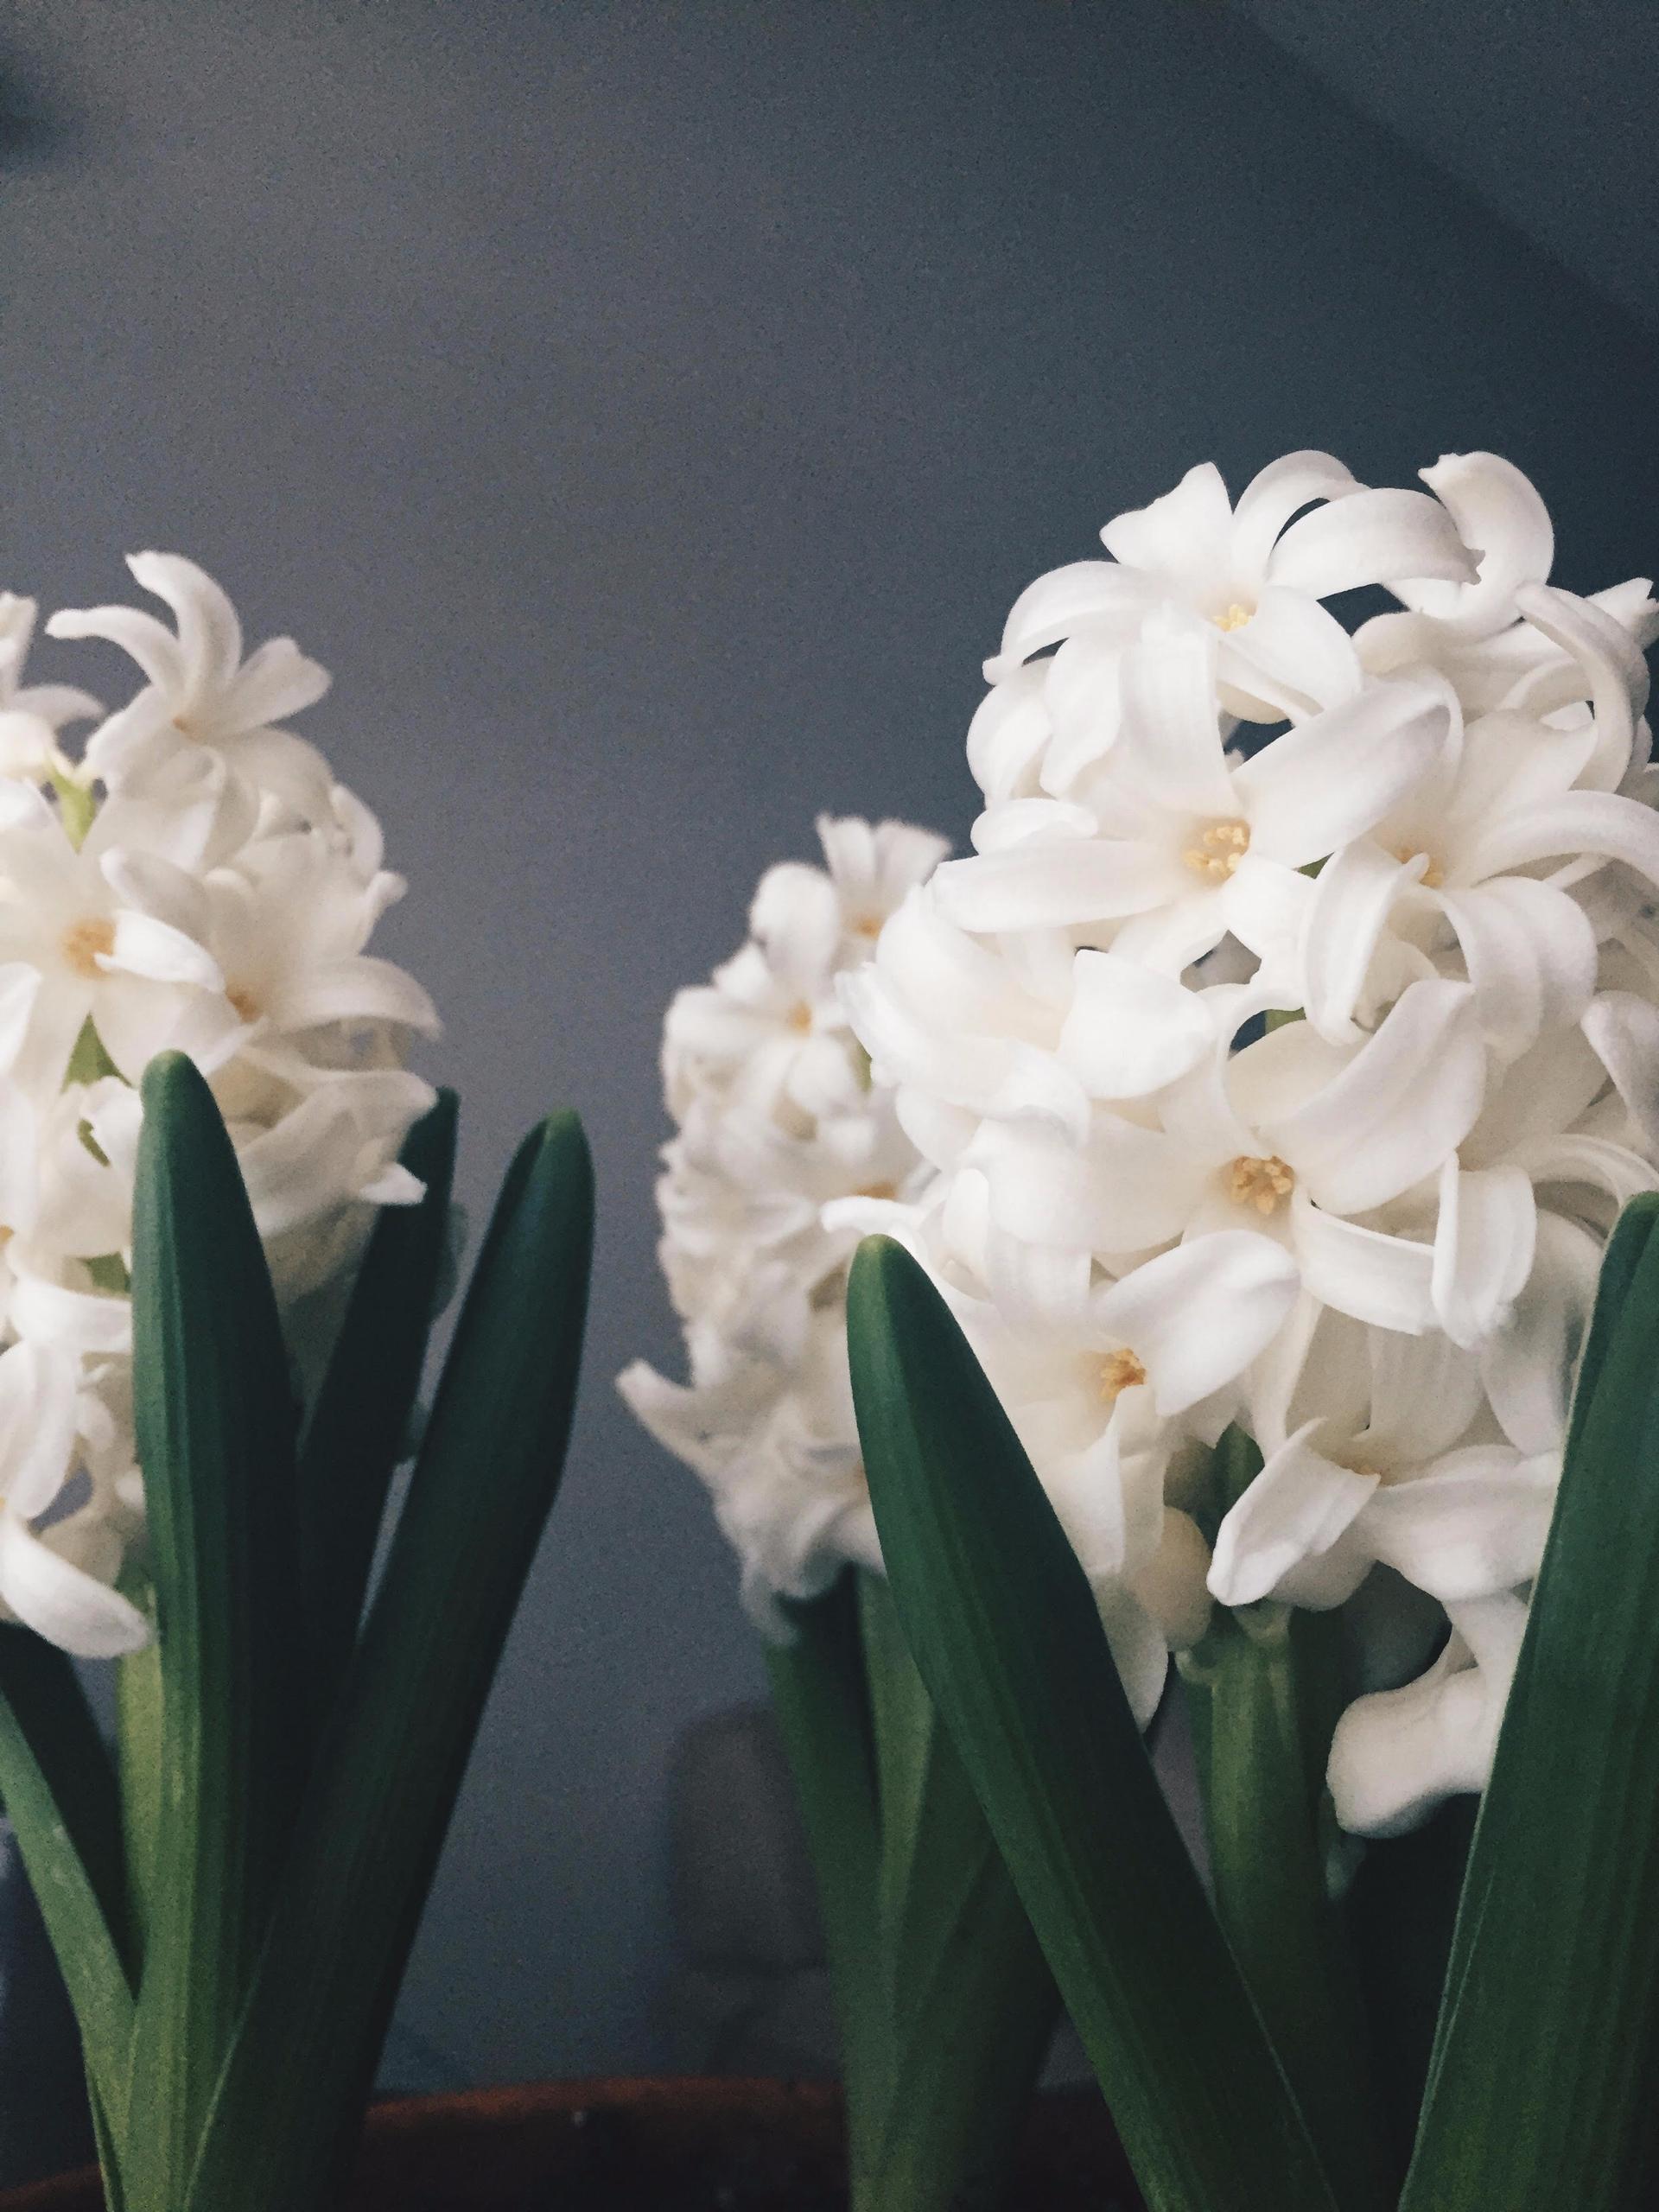 Flowers   Spring 2015 - flowers - toriamia   ello